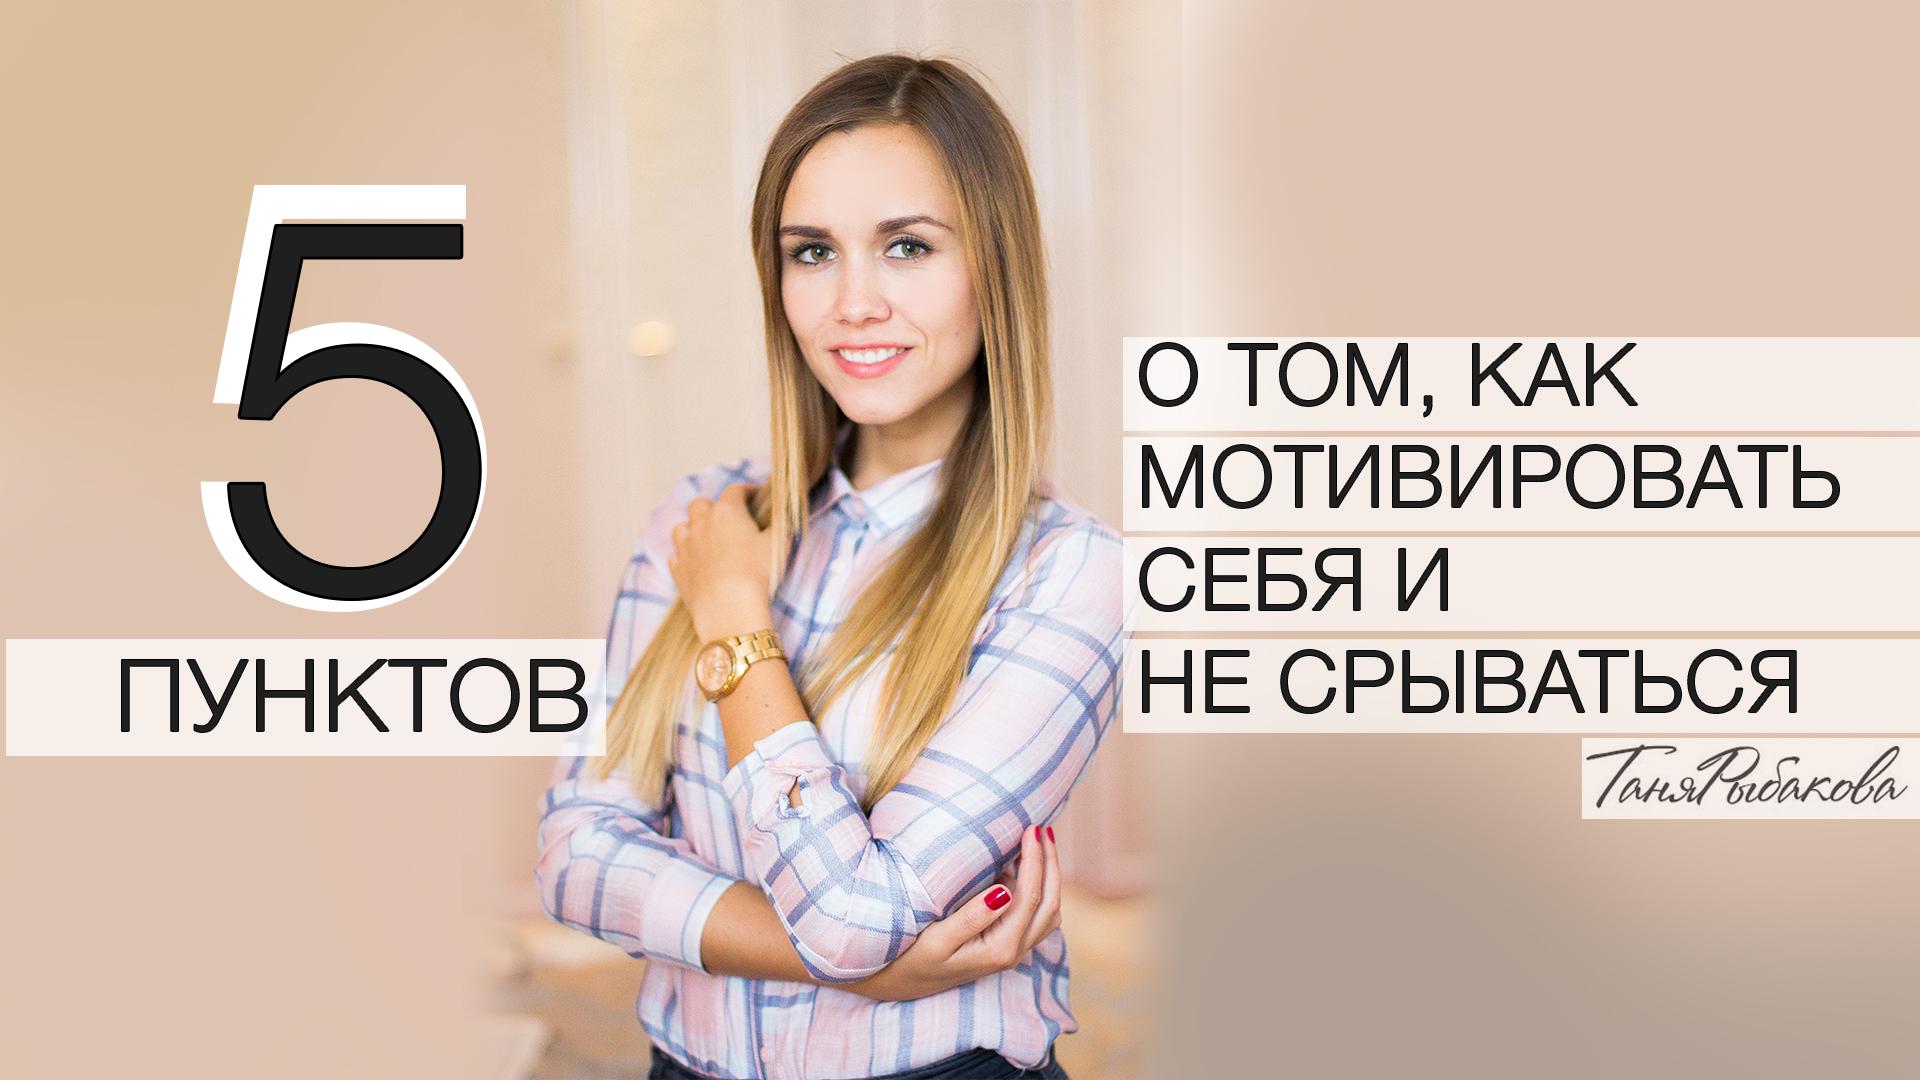 oblojka_5 pynktov